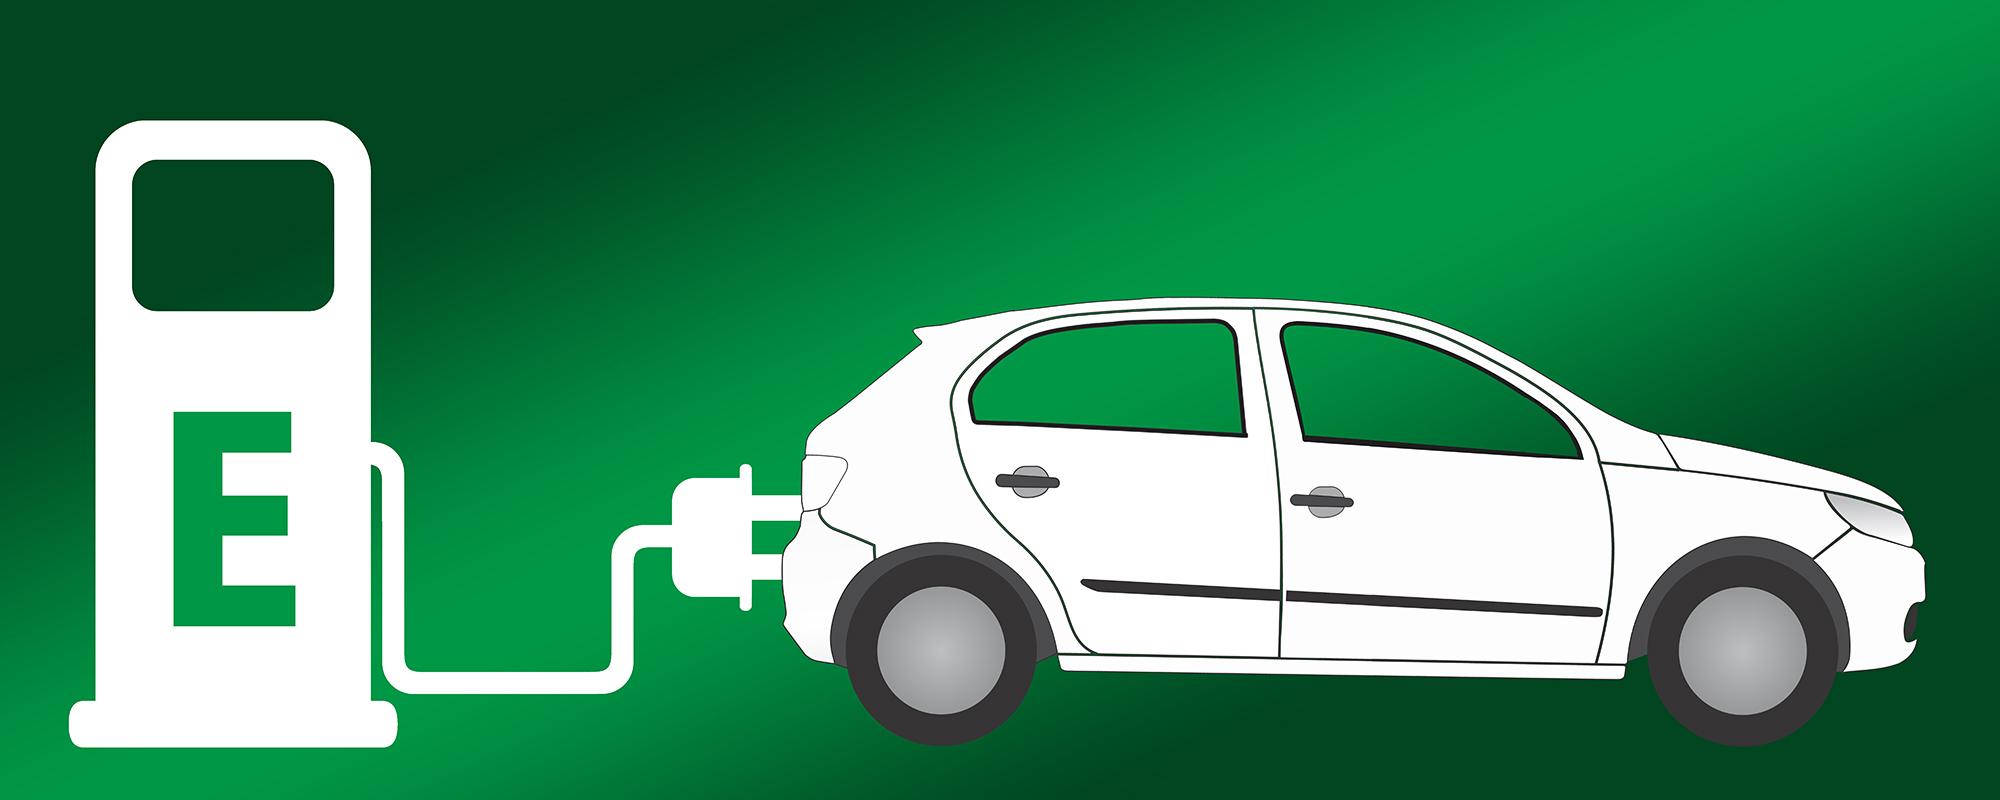 En tecknad ikon av en bil som laddas med en sladd